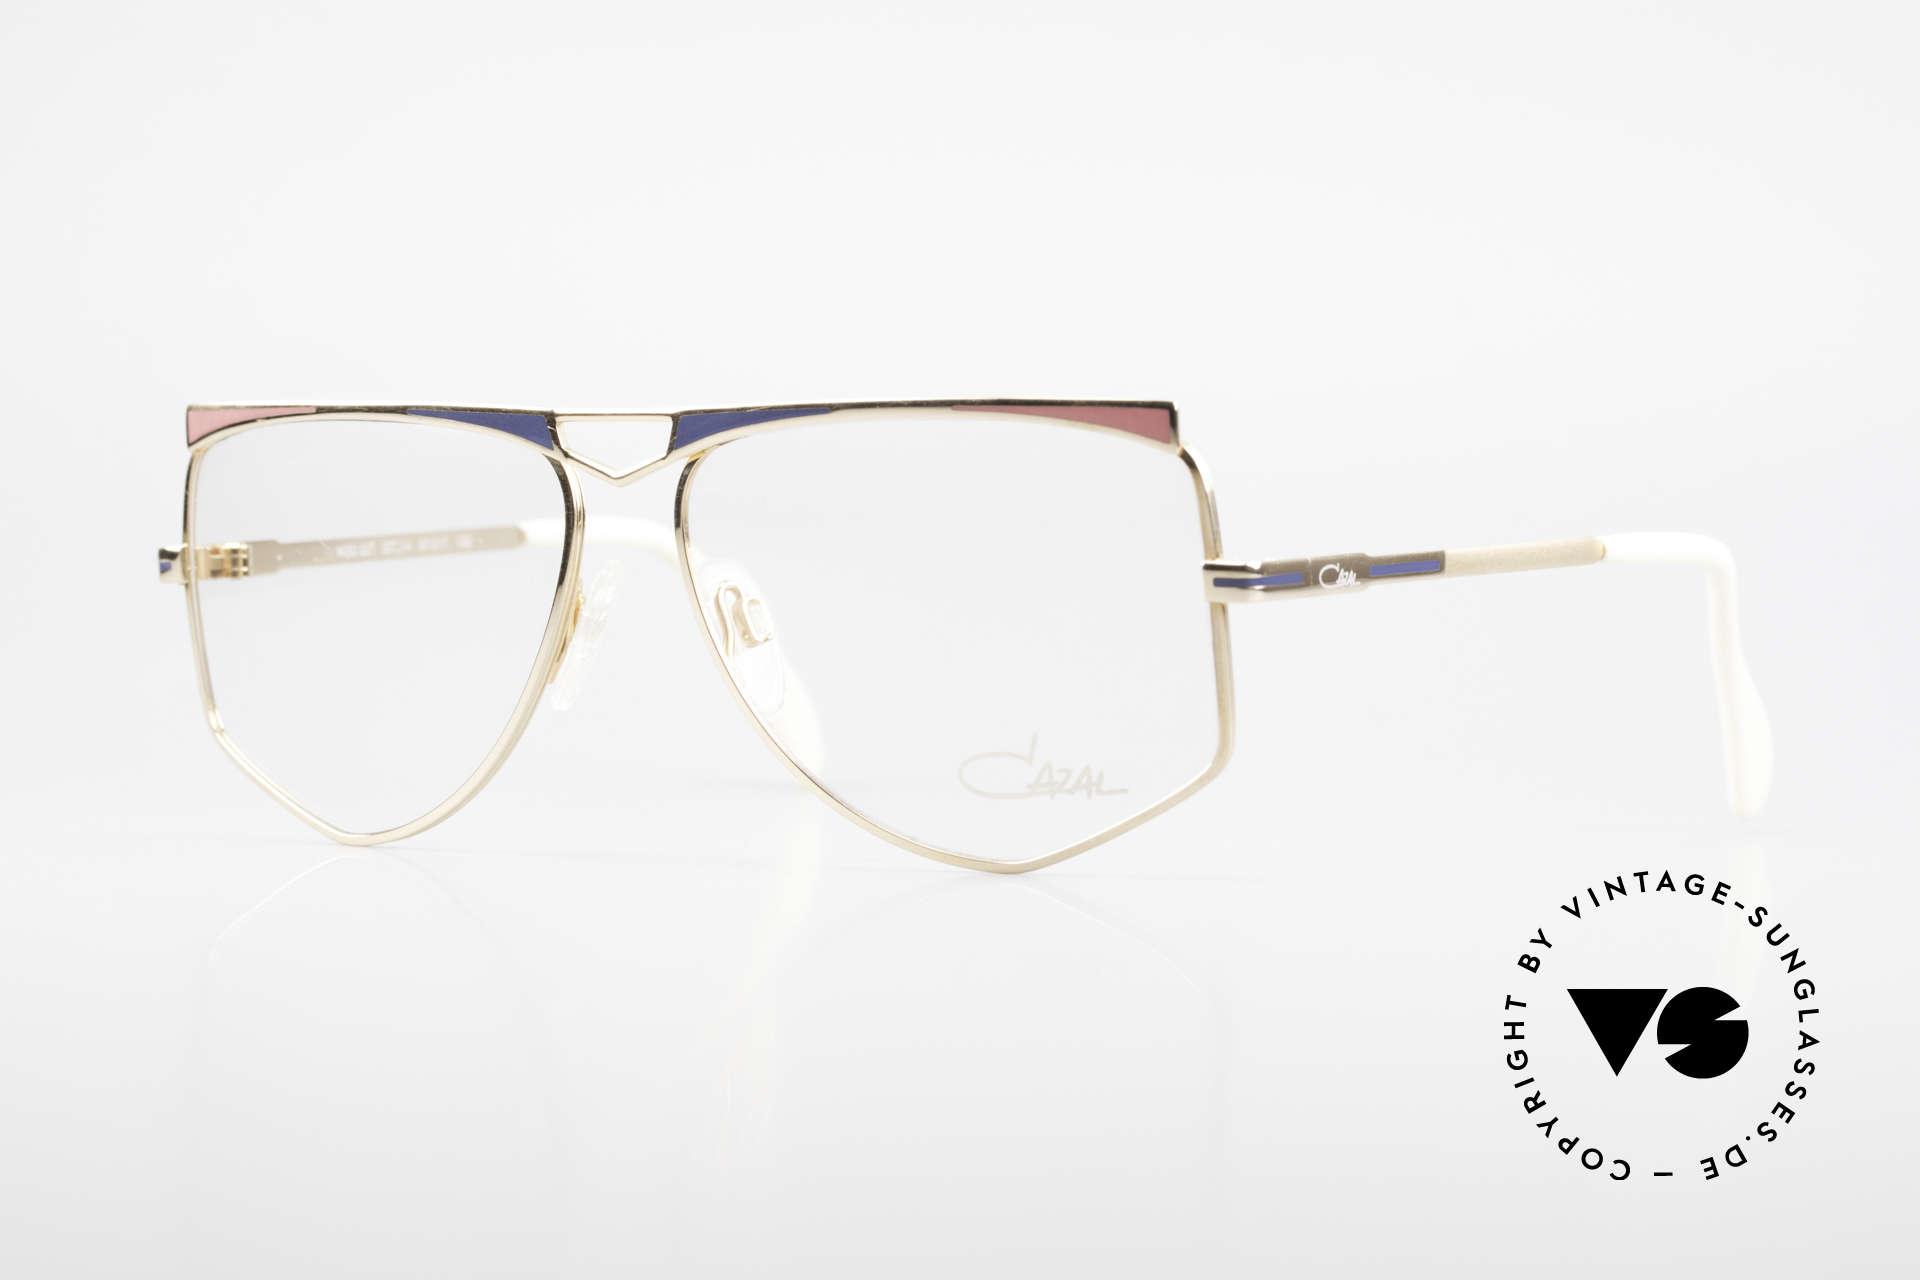 Cazal 227 Echt Alte 80er Vintage Brille, tolle Damen-Designerbrille von Cari Zalloni (CAZAL), Passend für Damen